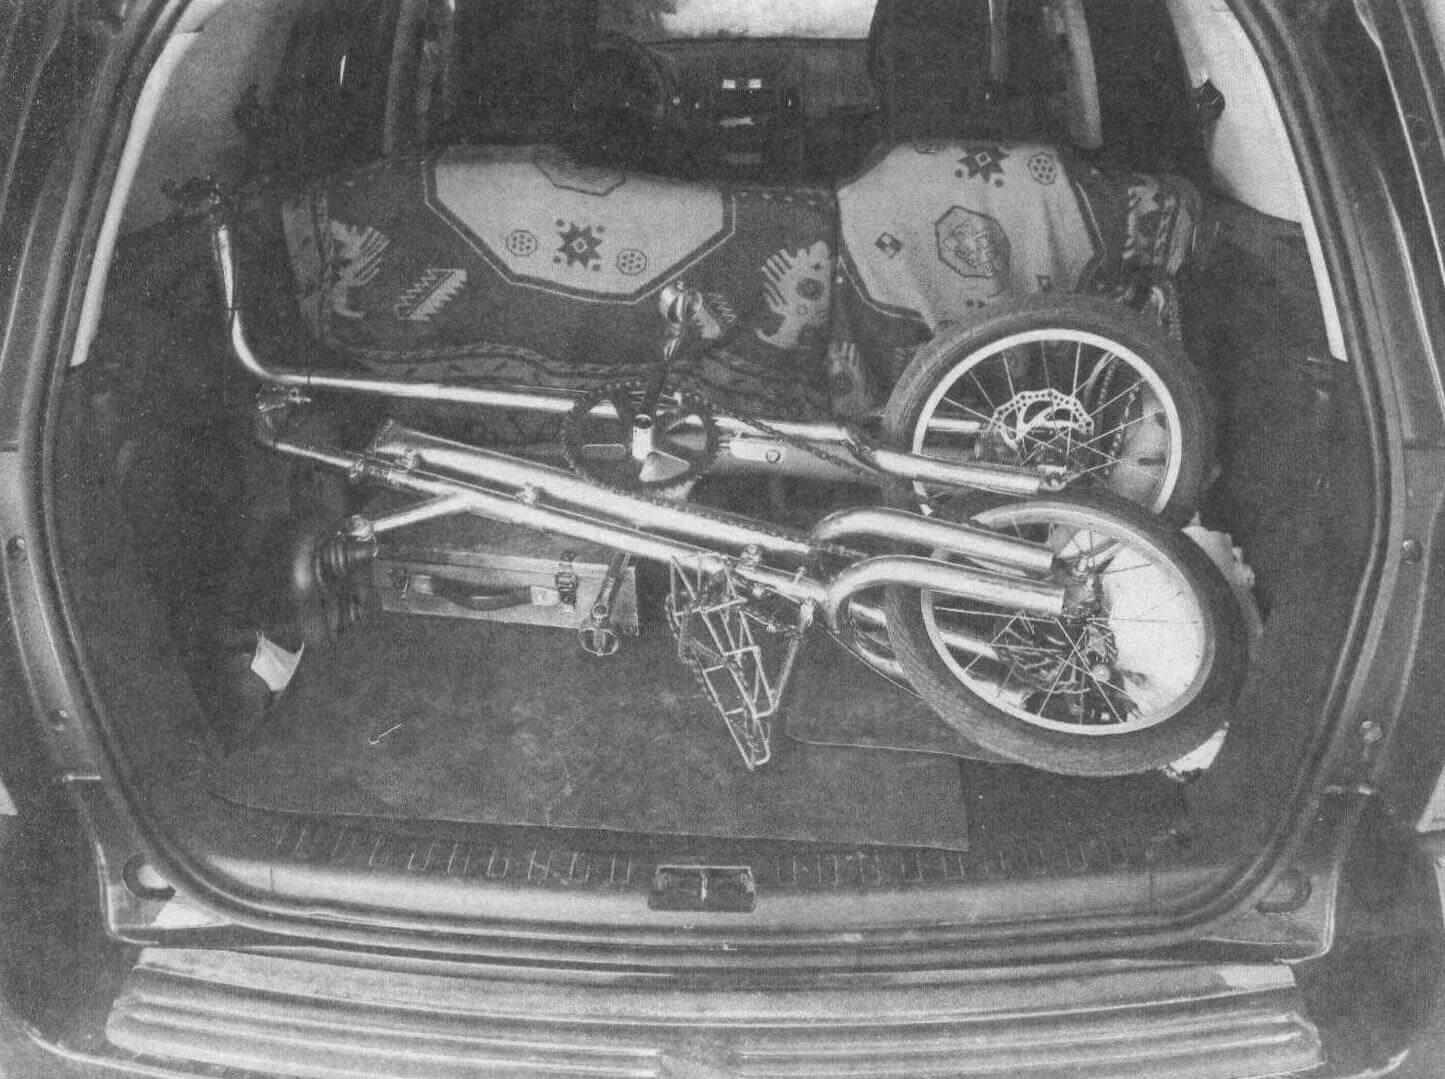 Велосипед легко сложить и без труда перевезти в багажнике легкового автомобиля